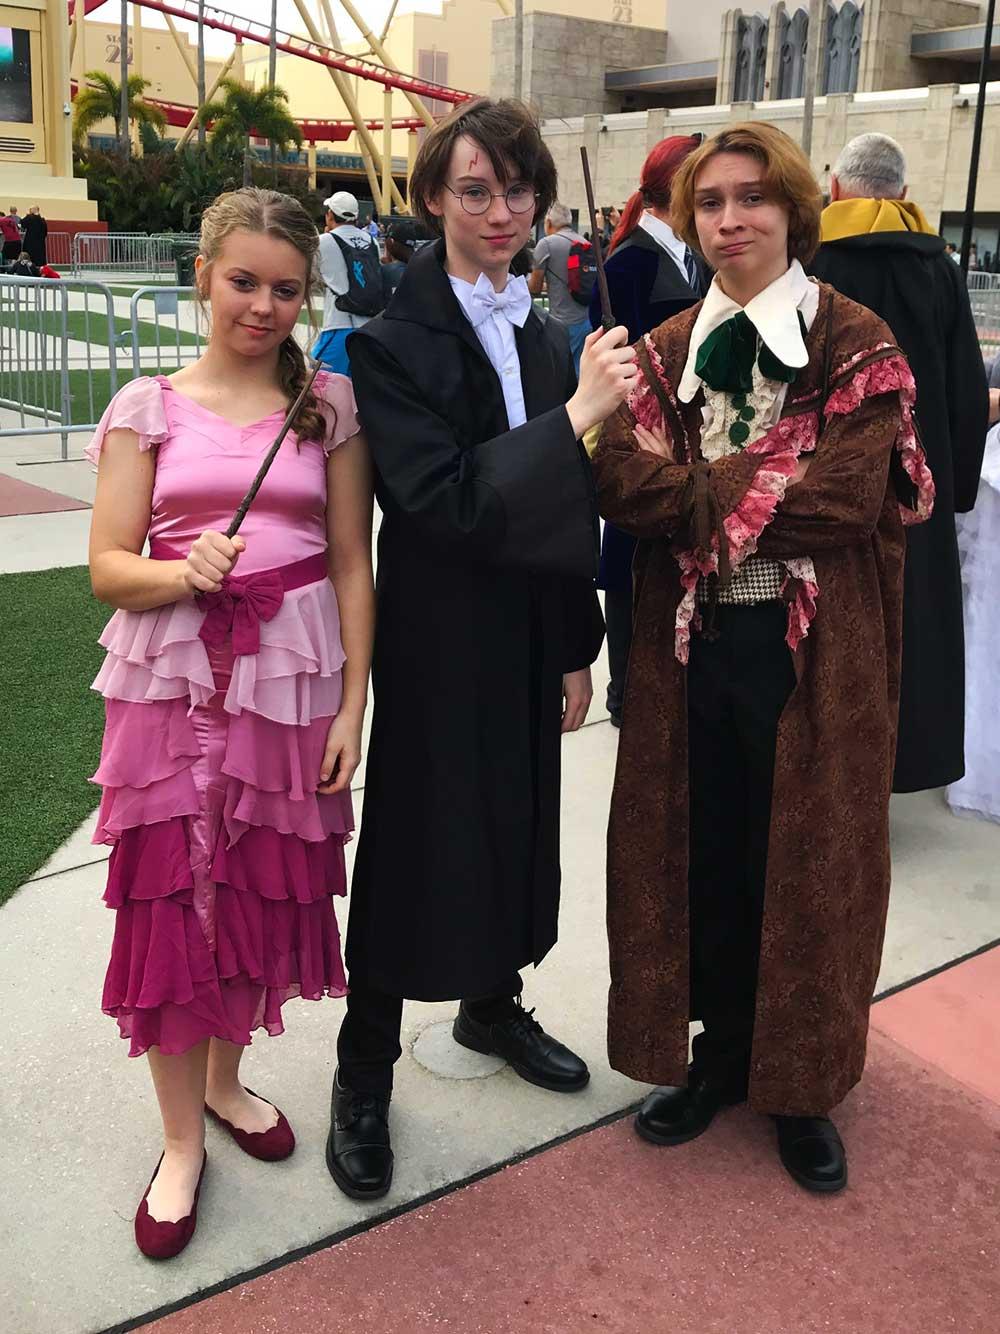 A Celebration of Harry Potter - Wands